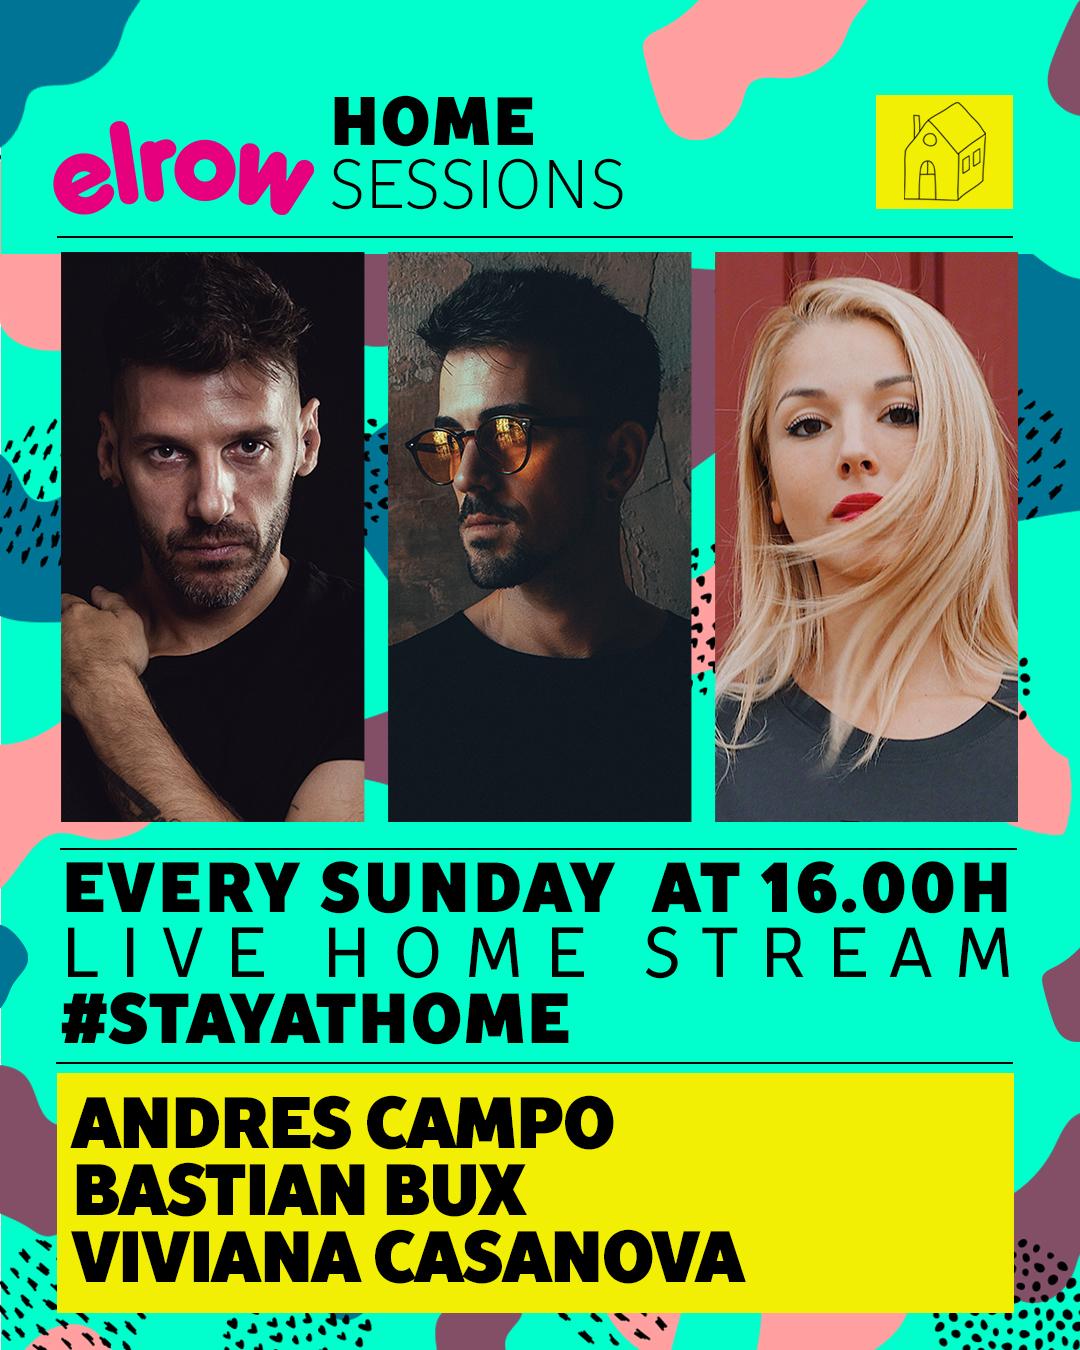 Elrow se apunta a las home sessions, #yomequedoencasa